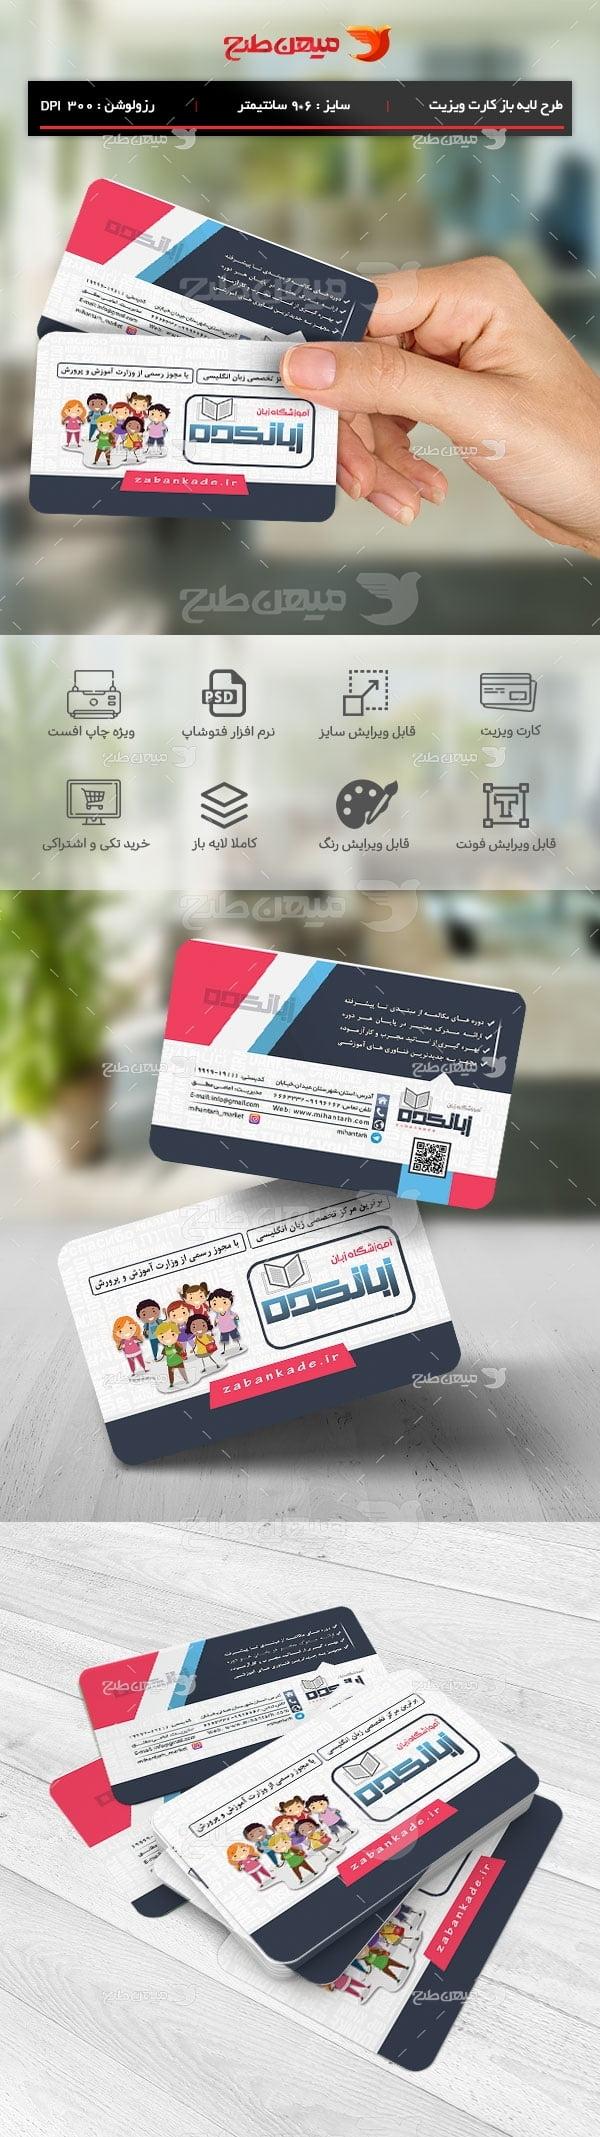 طرح کارت ویزیت آموزشگاه زبان08